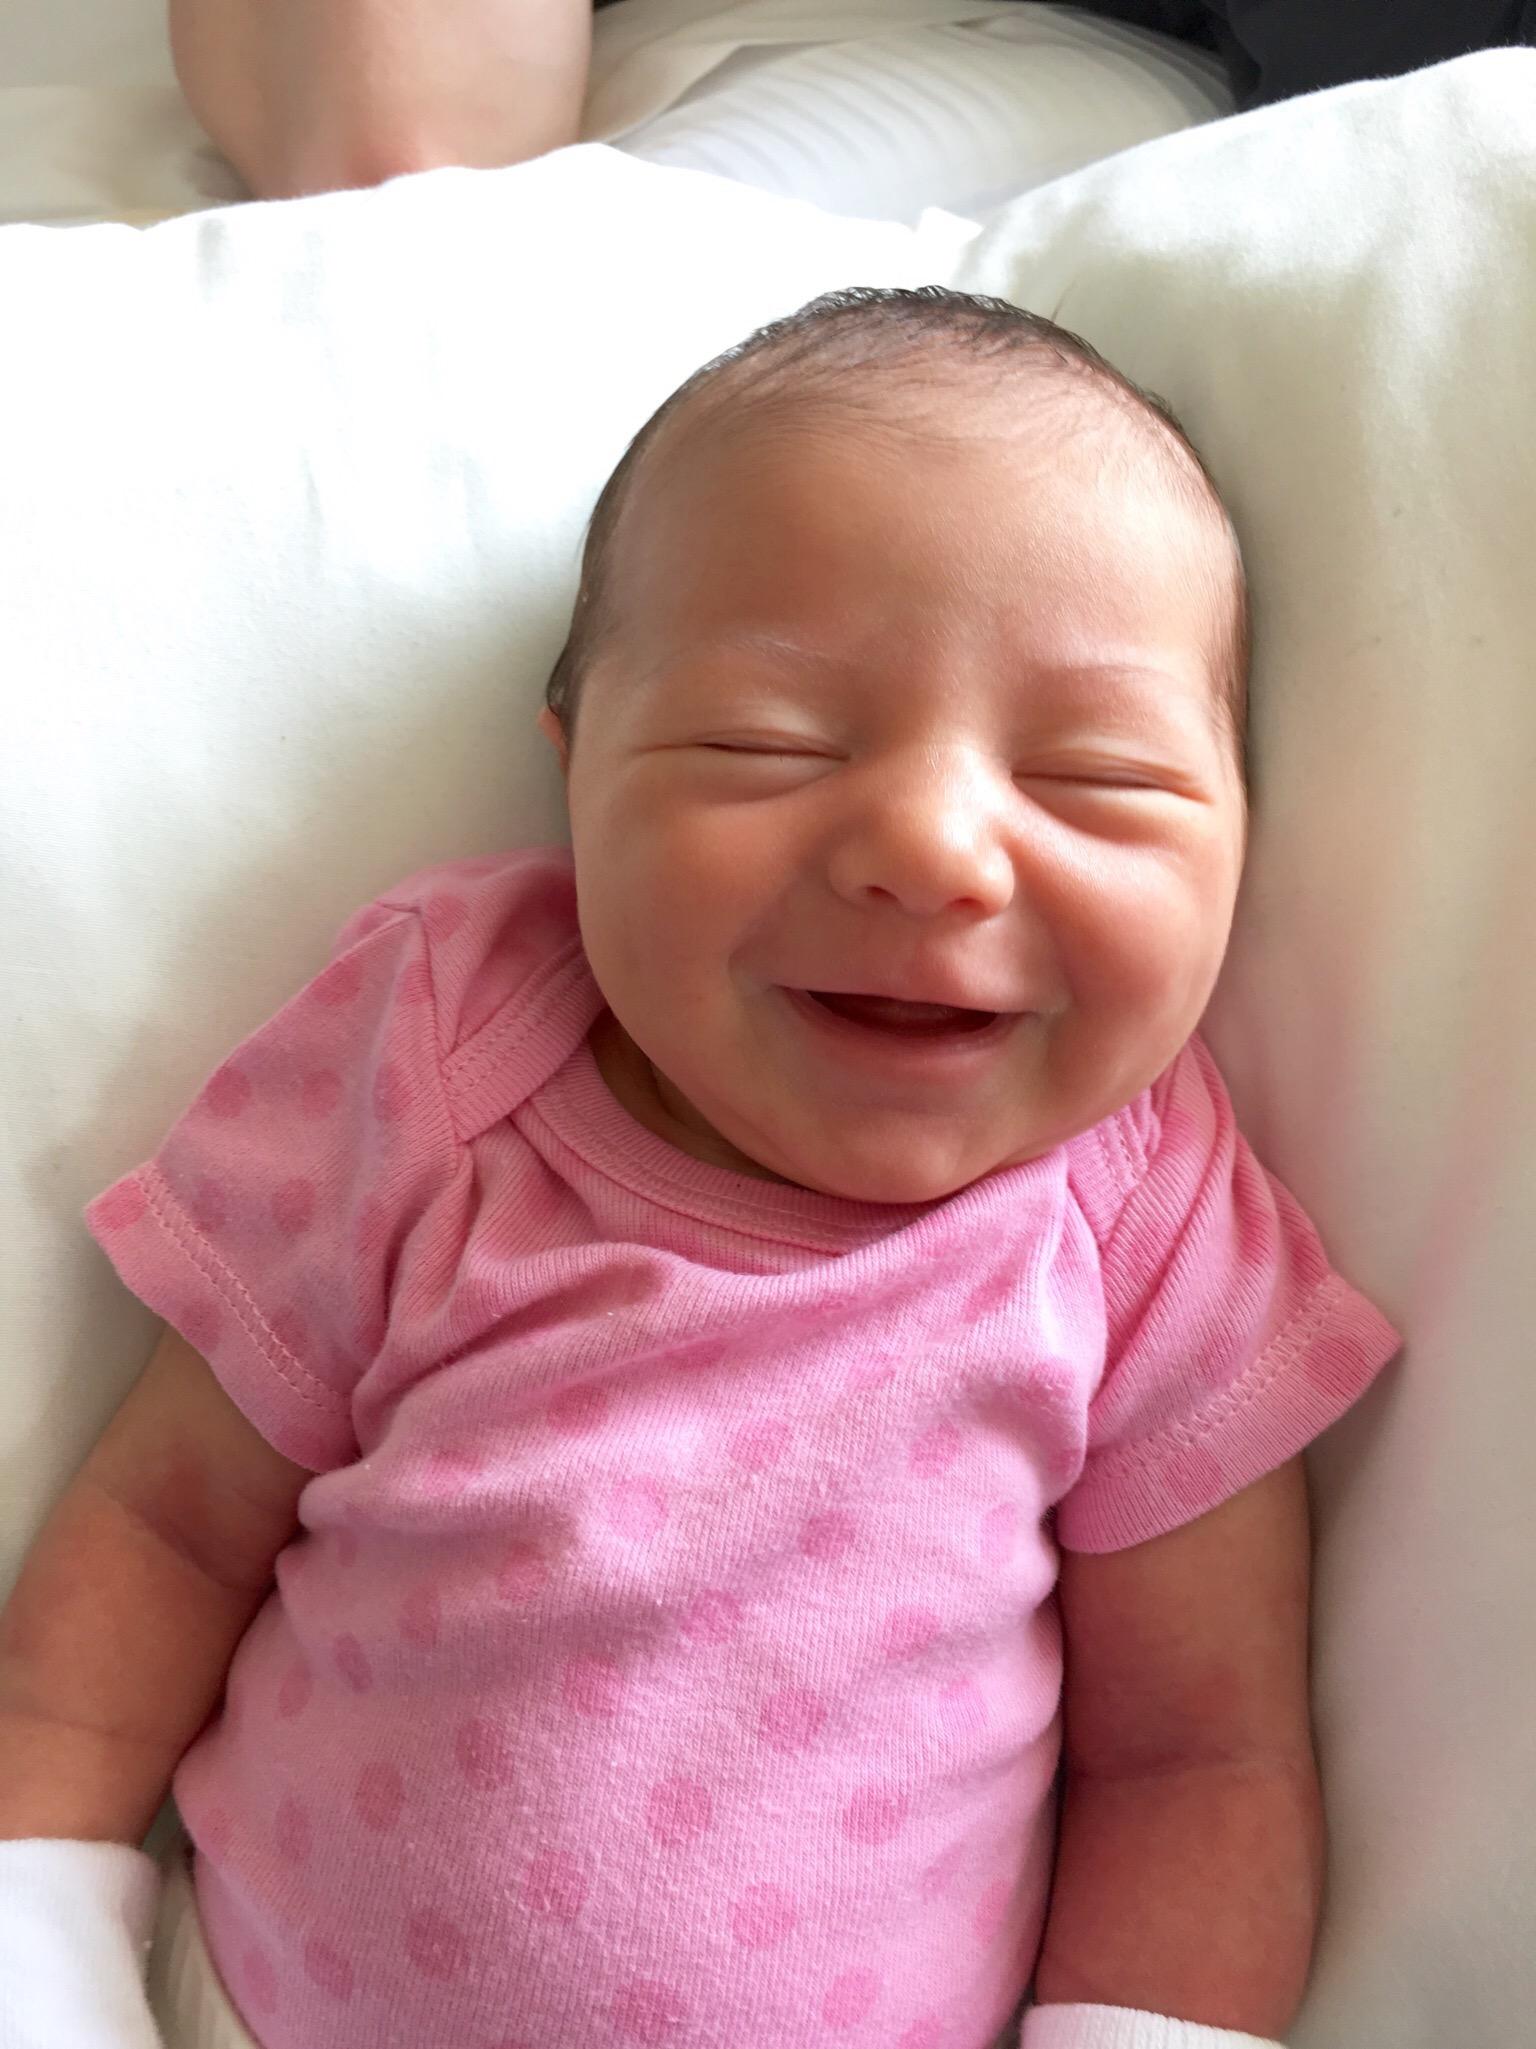 Baby Ines smiles